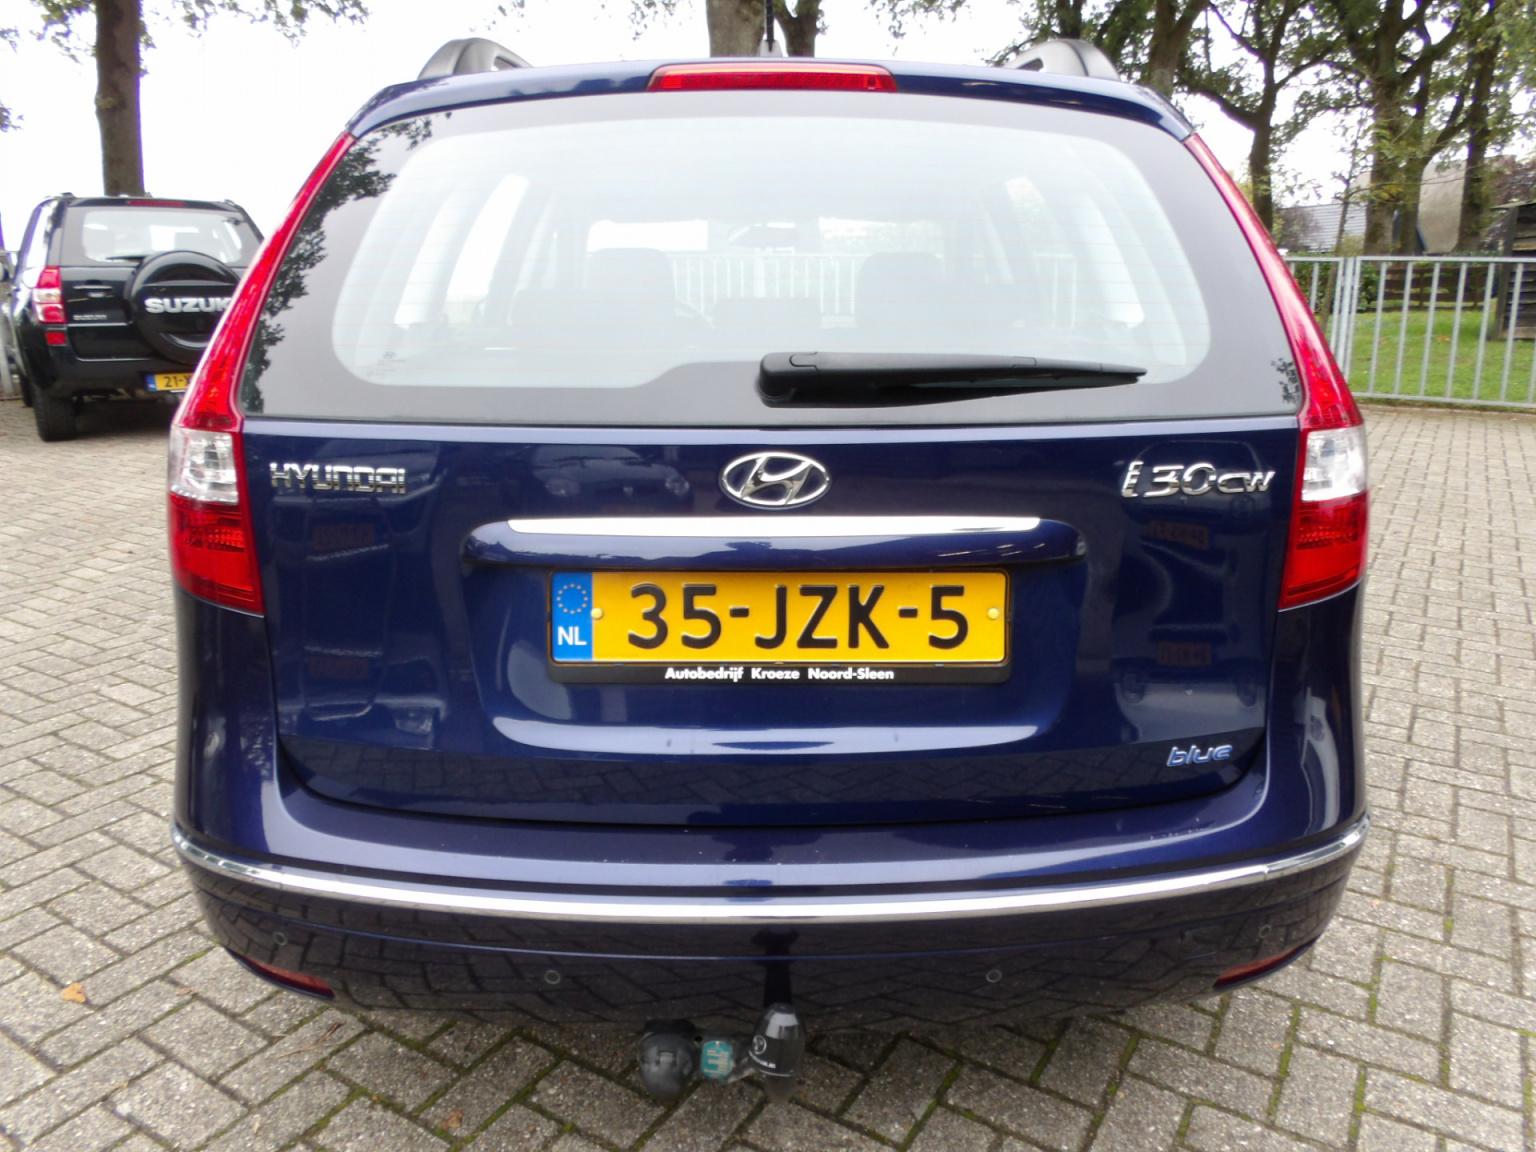 Hyundai-i30-3